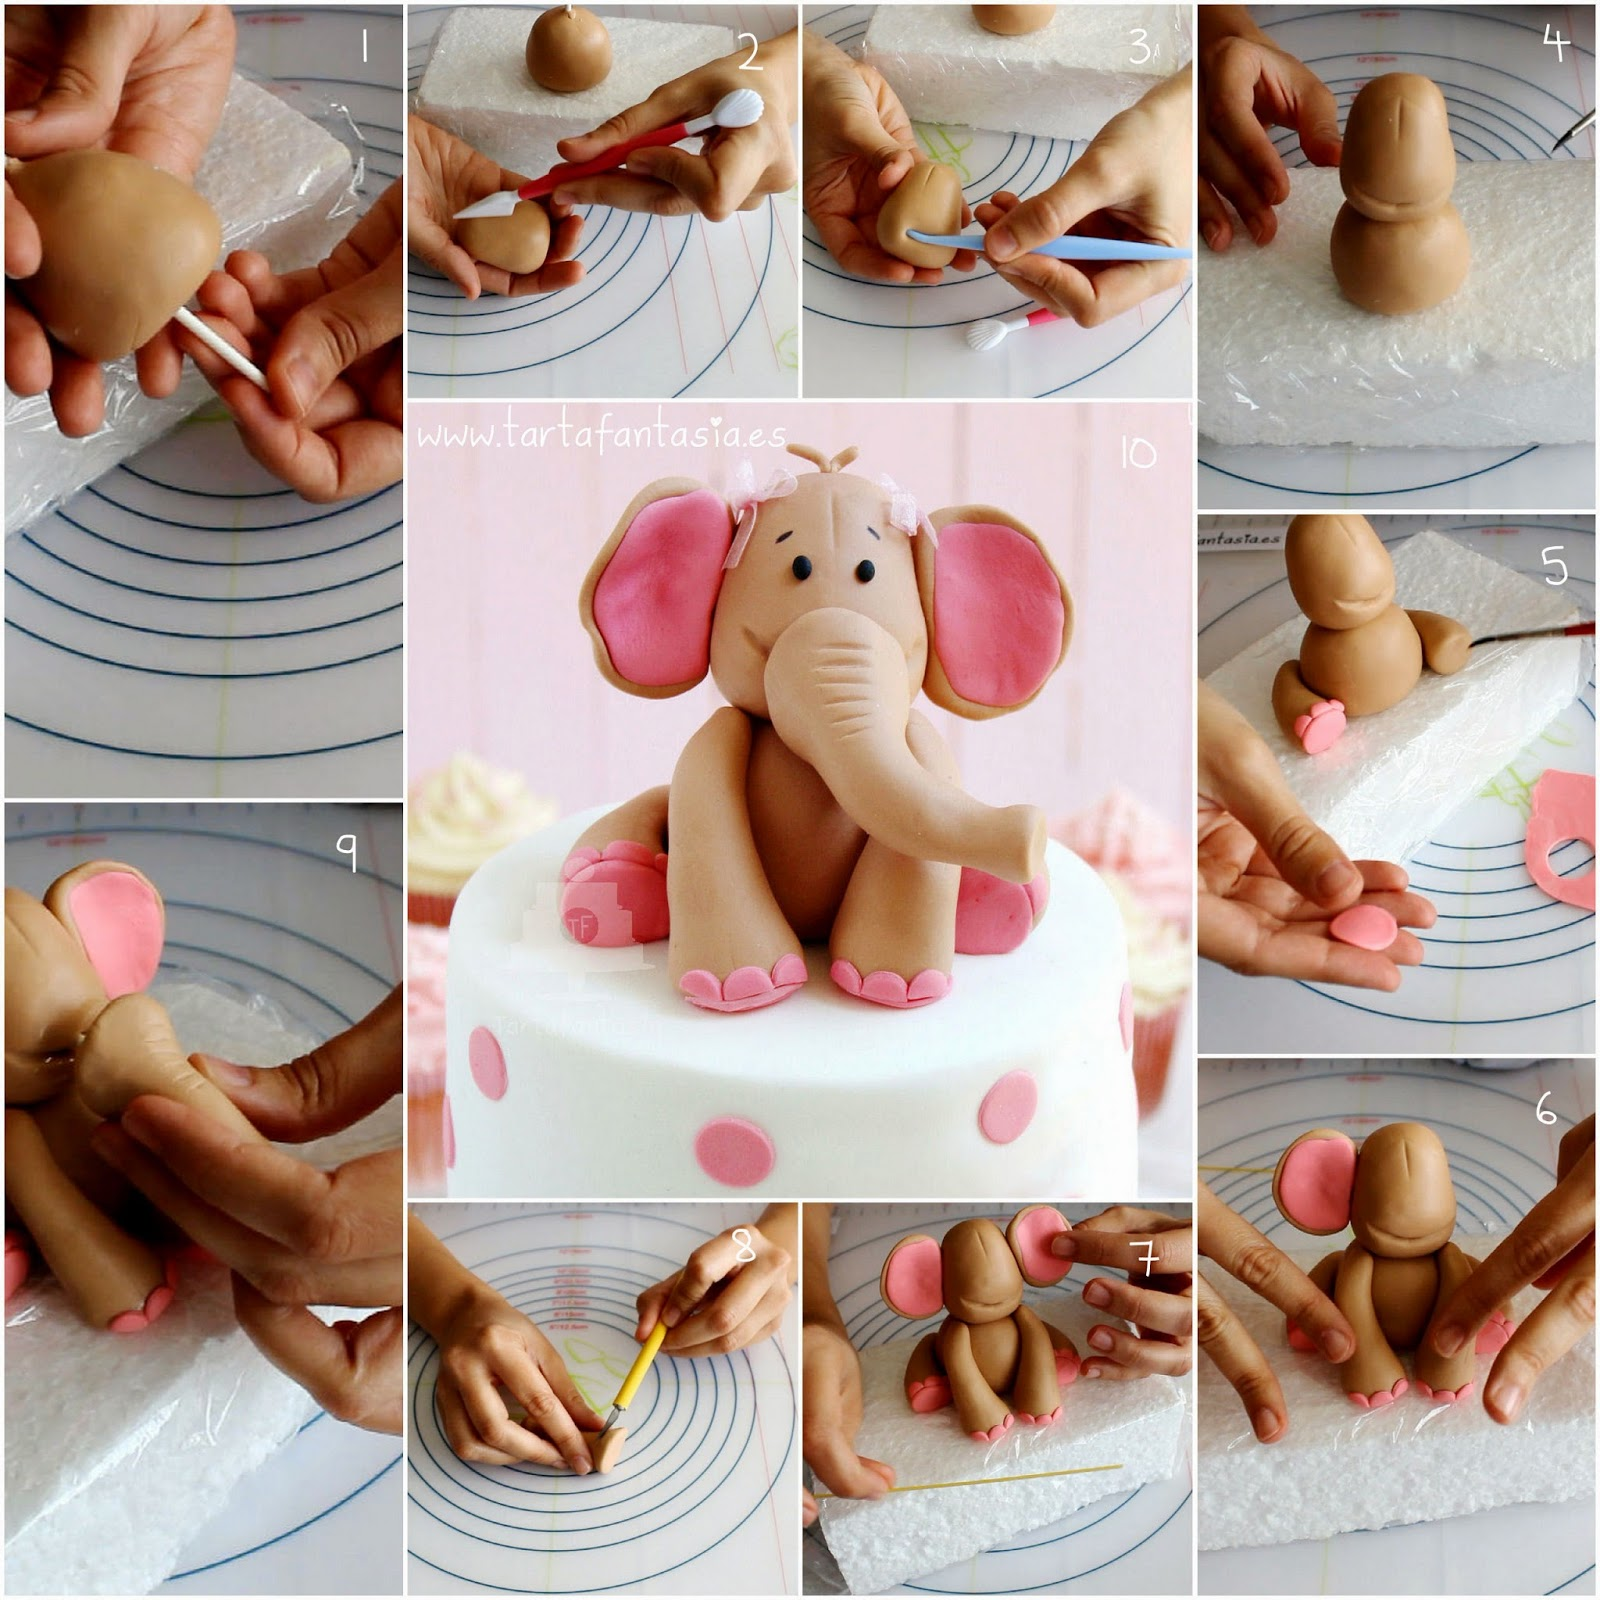 Рецепт: Как сделать мастику для торта в домашних условиях 99